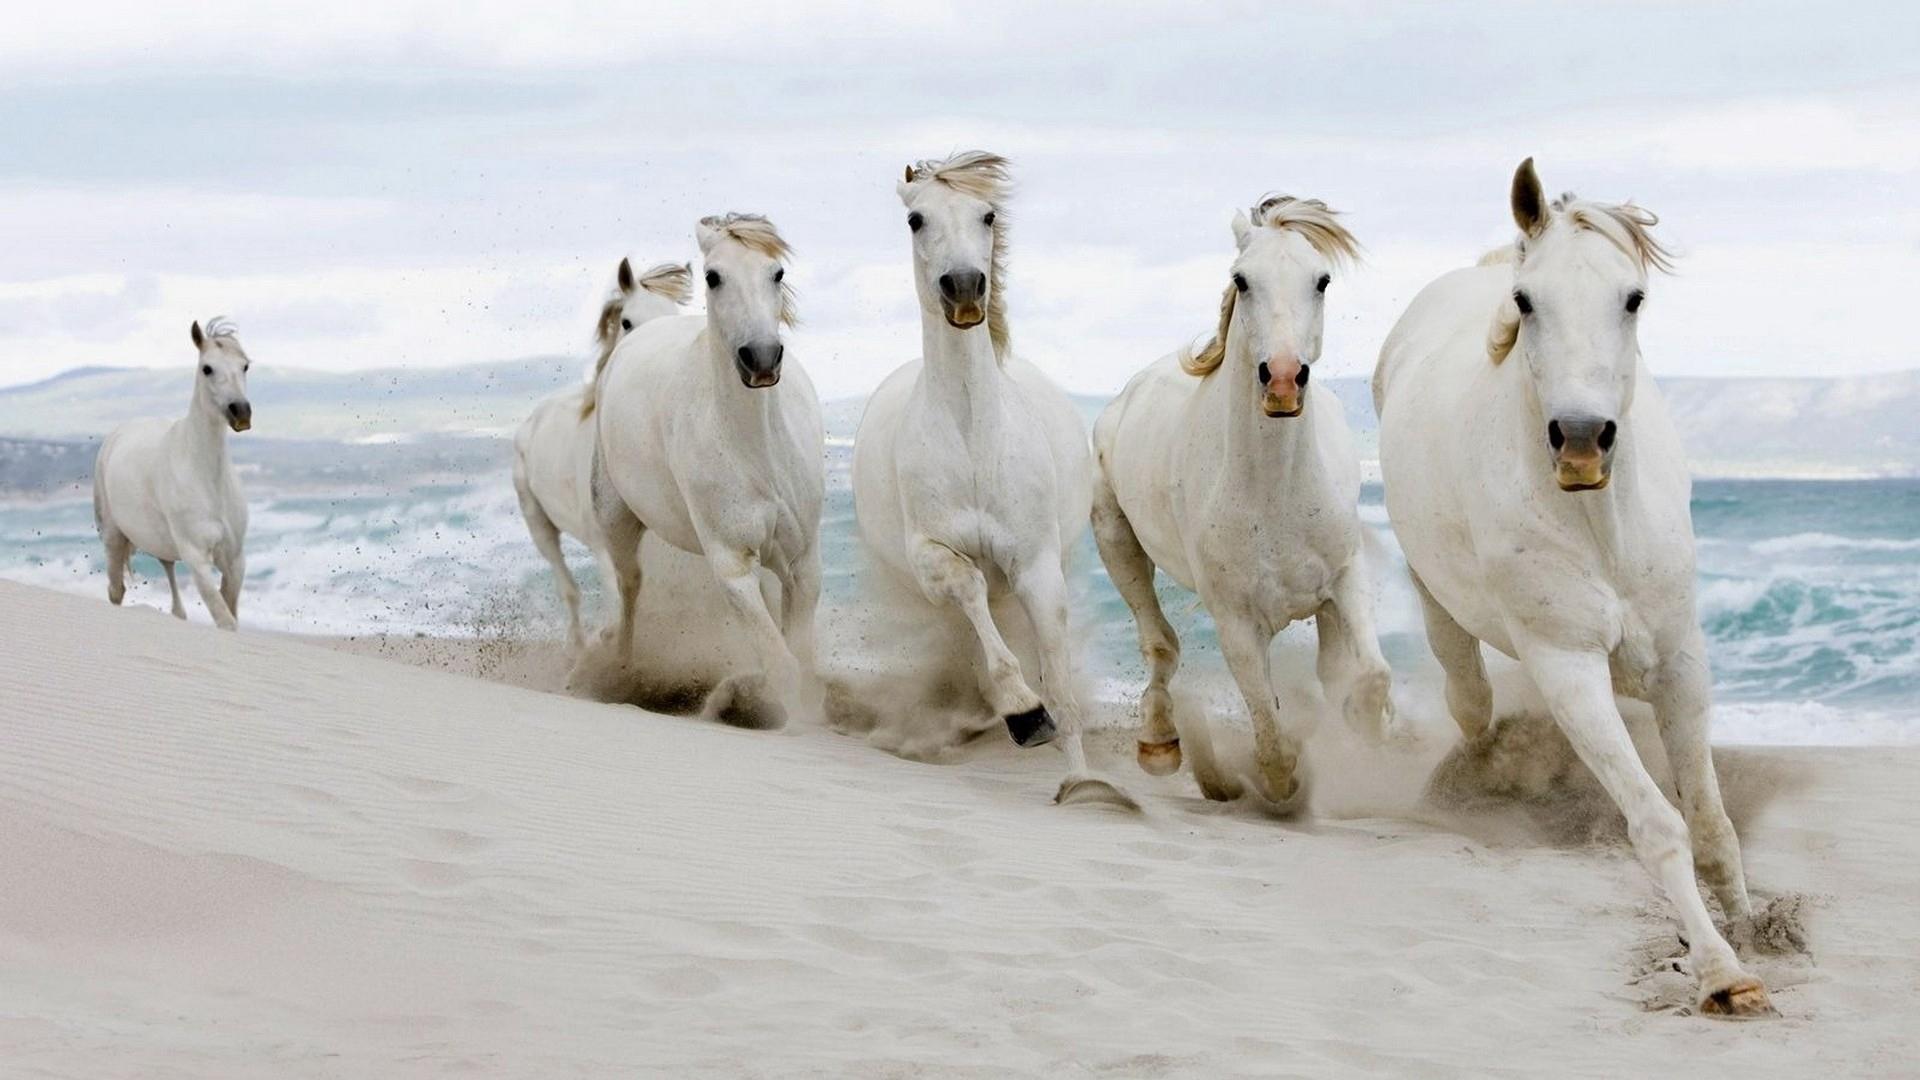 download wallpaper: witte paarden aan het strand wallpaper